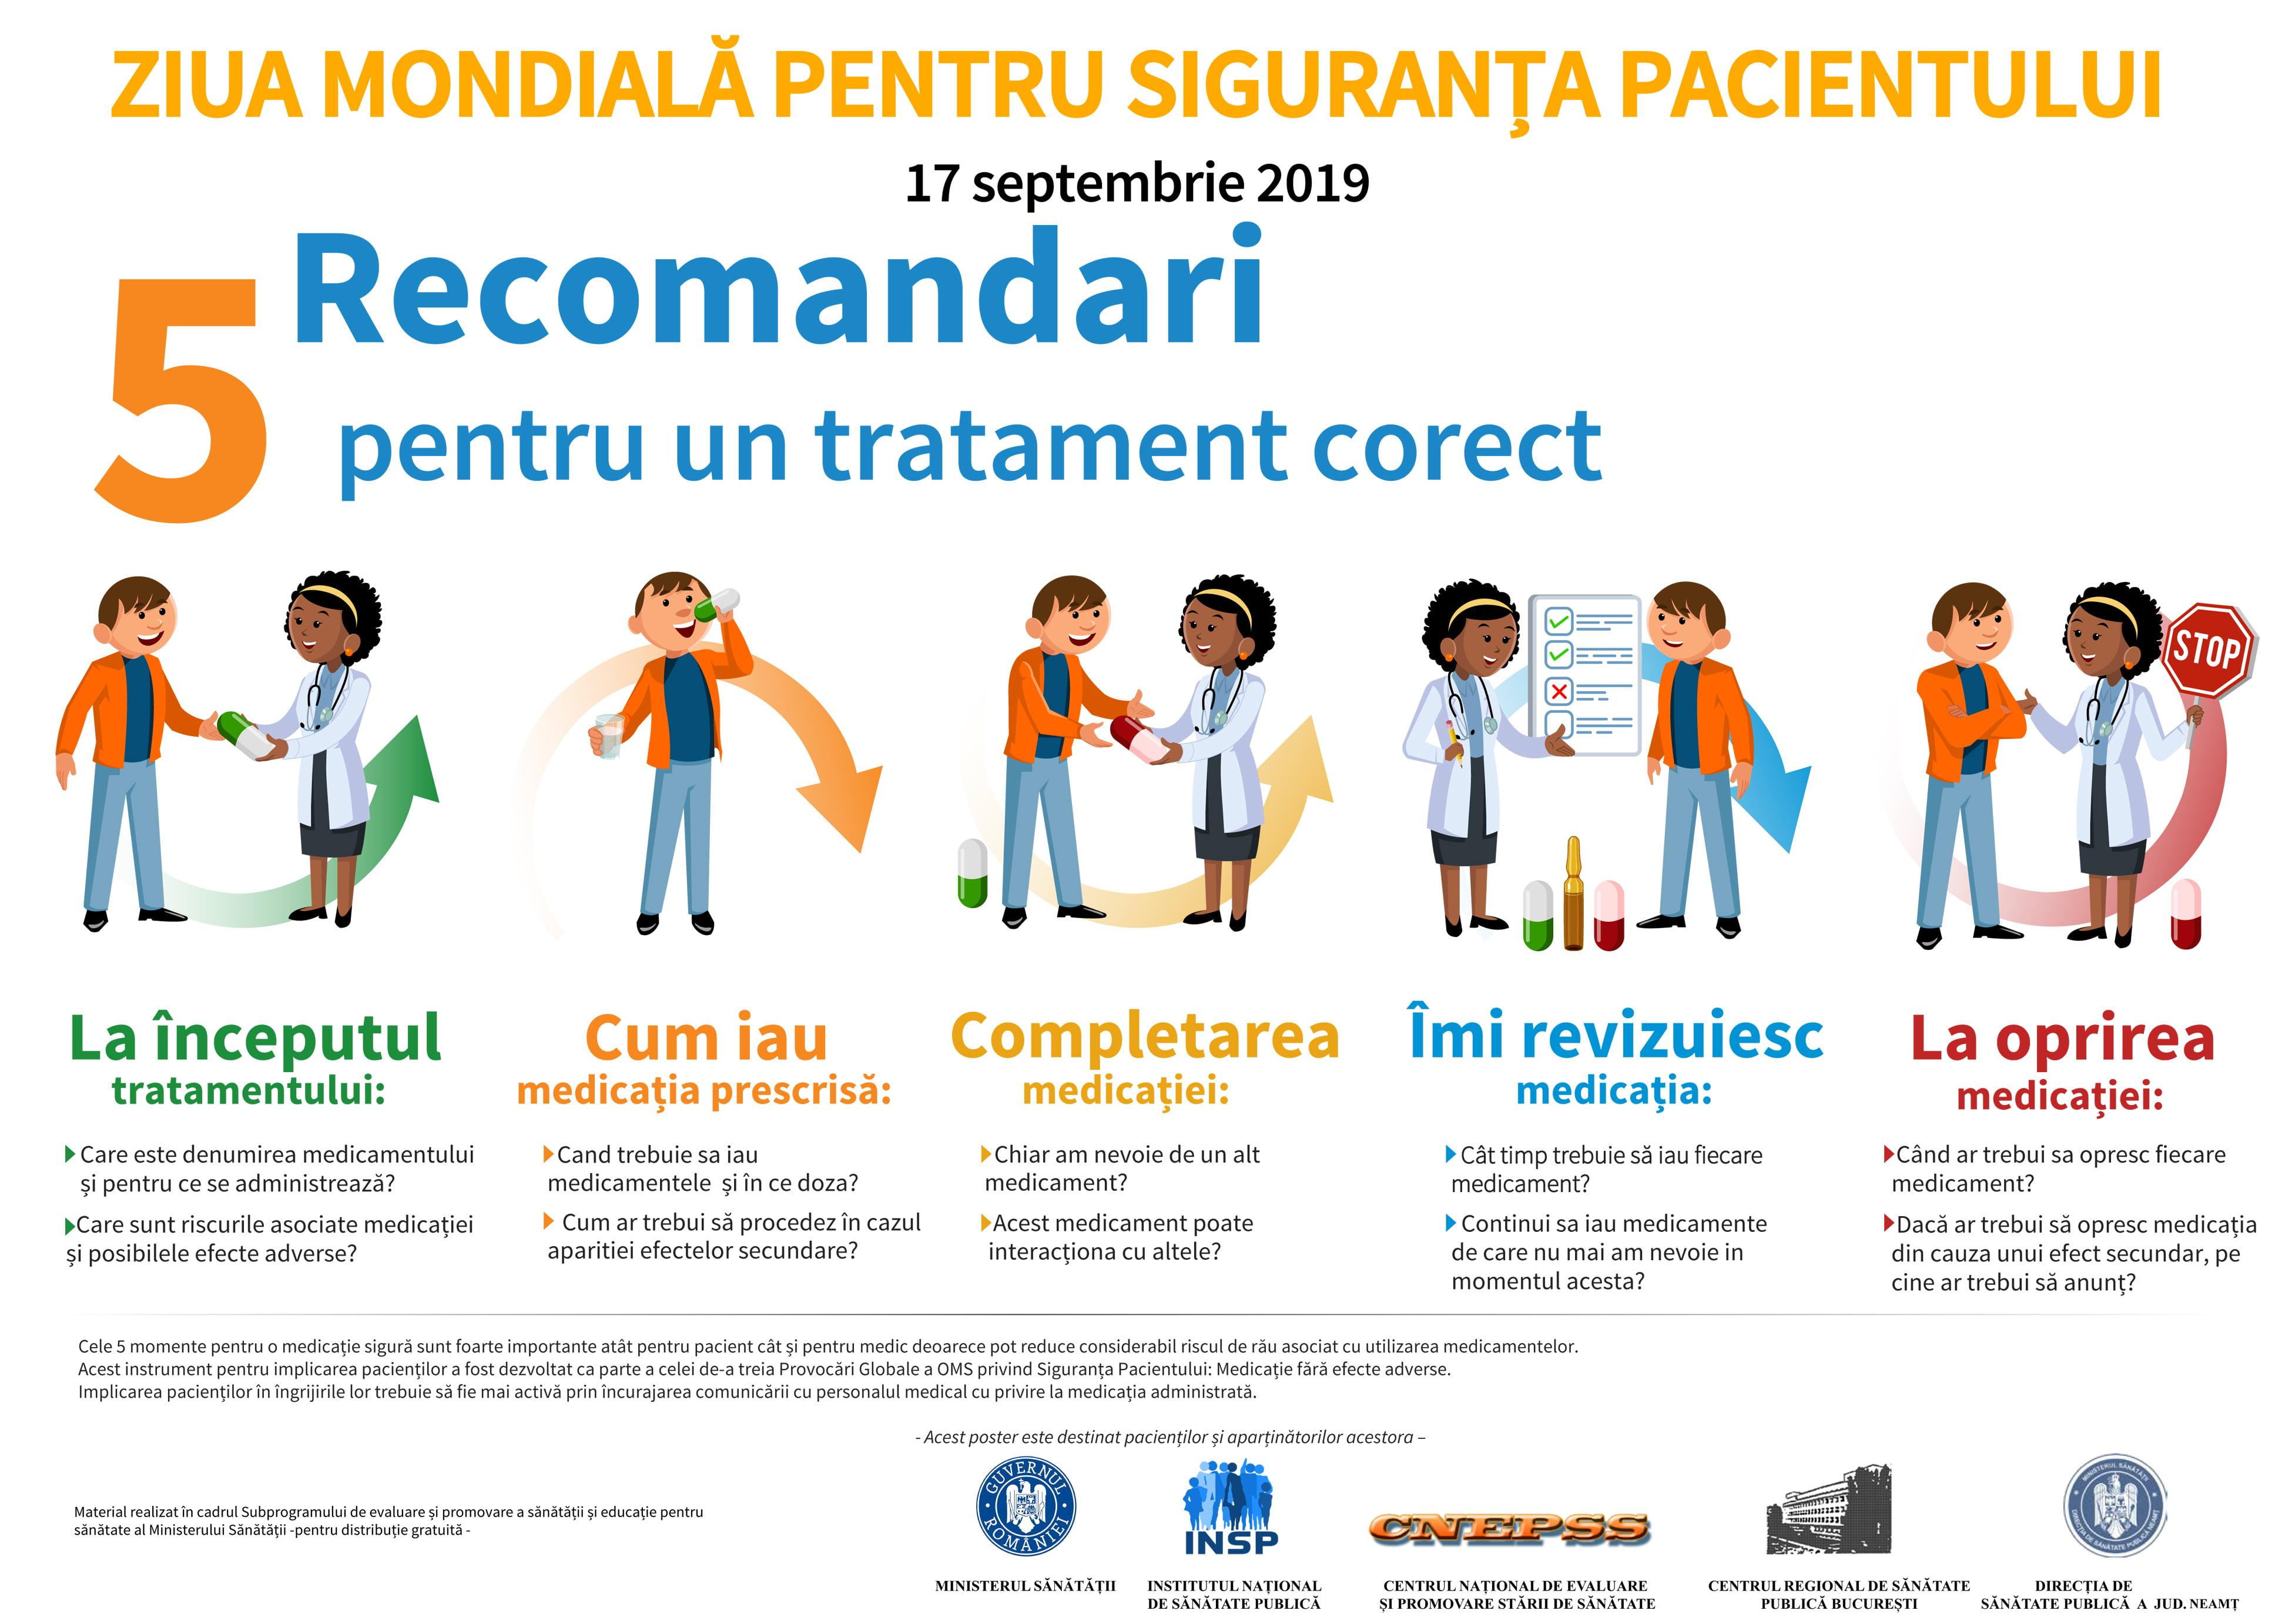 17 septembrie, Ziua Mondială pentru Siguranța Pacientului